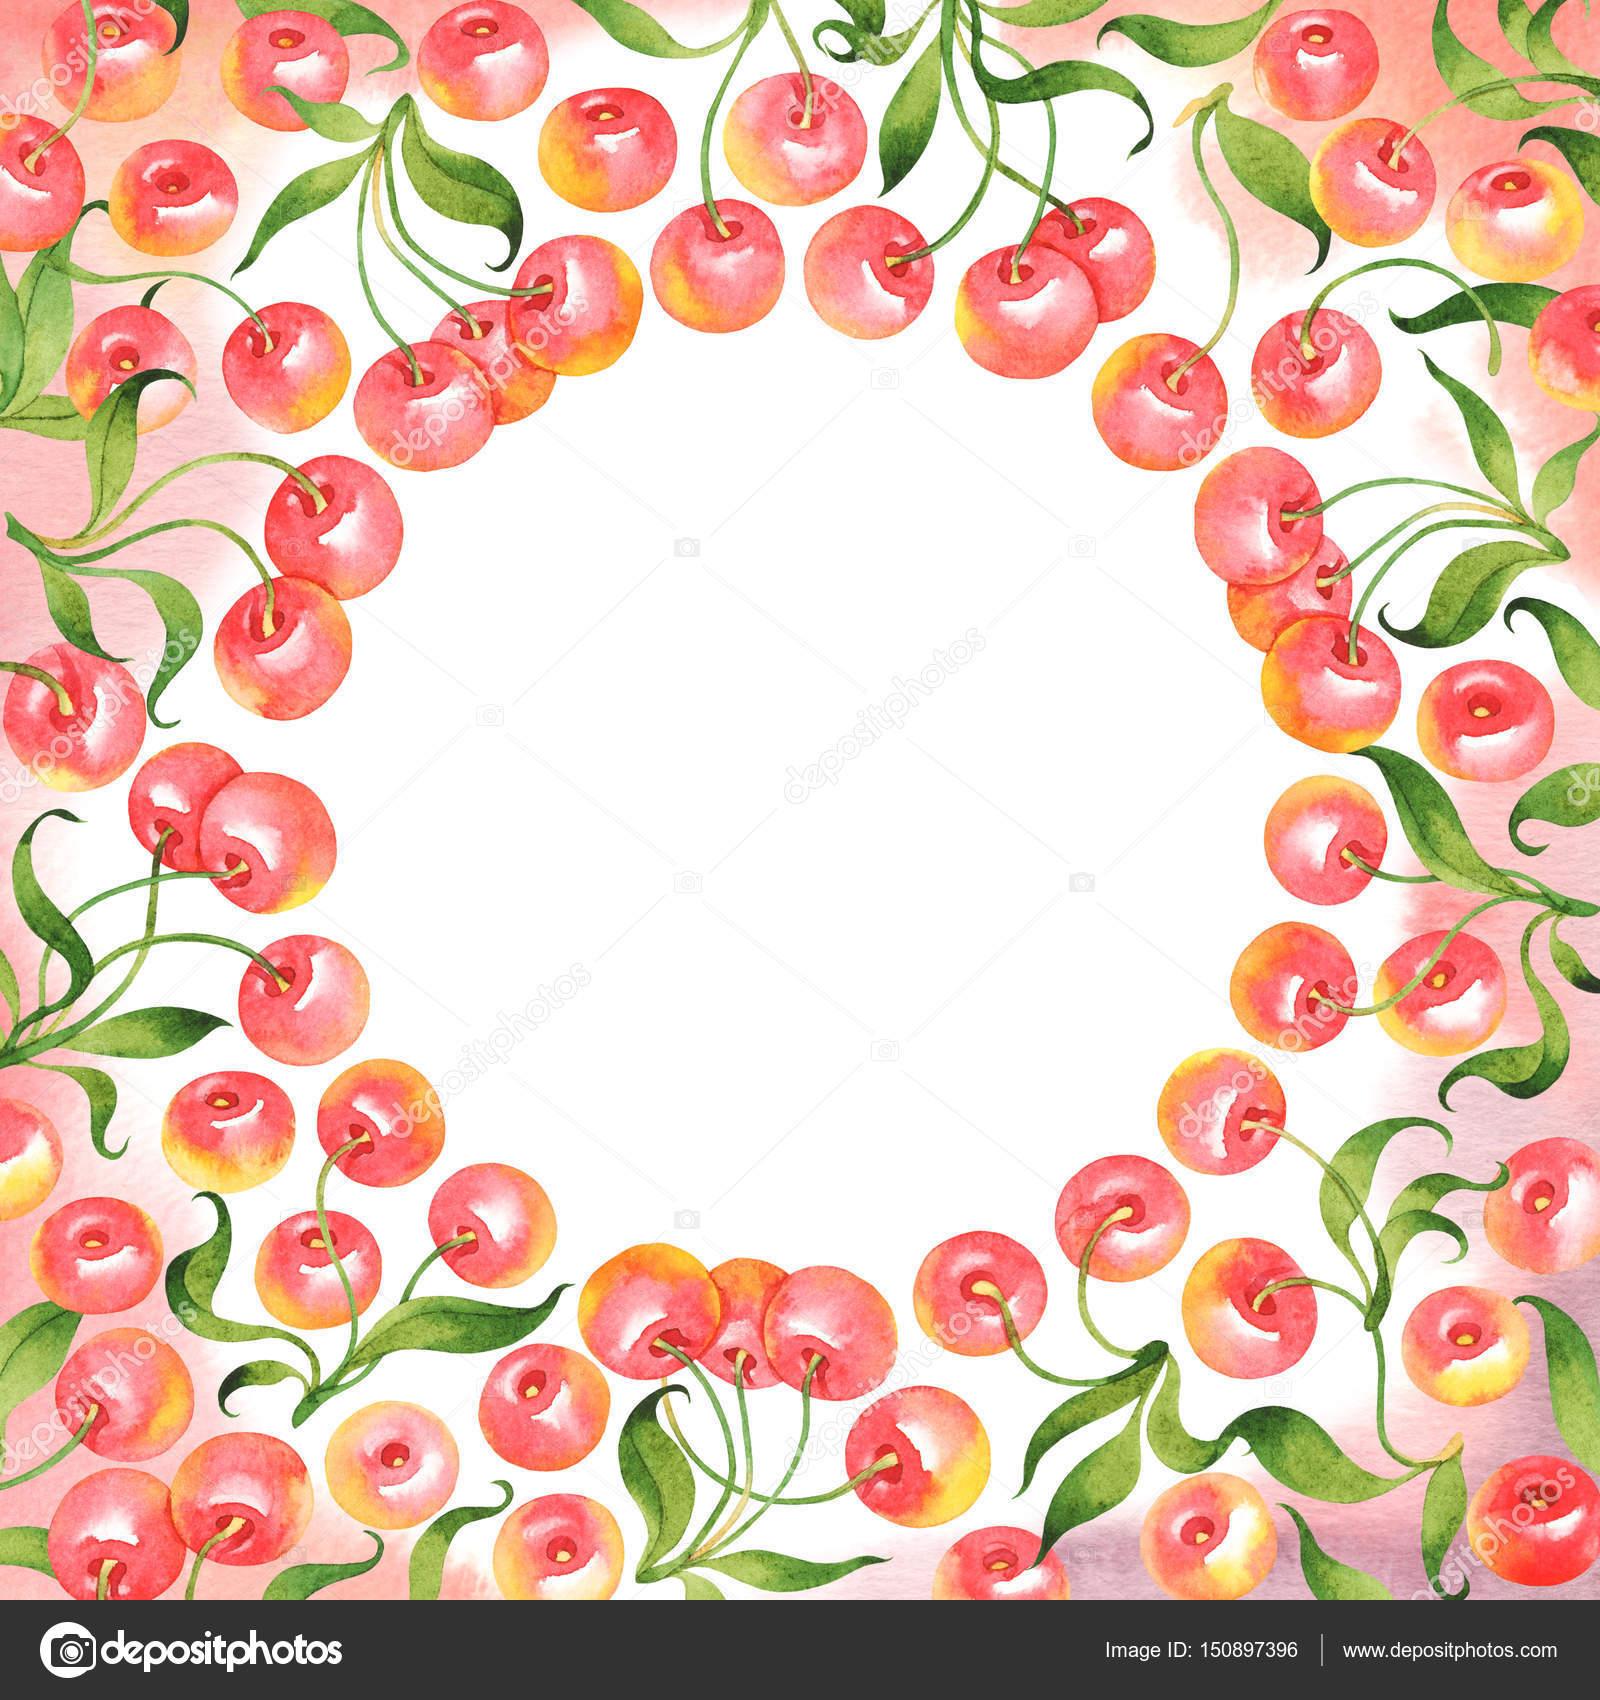 Aquarell-Rahmen mit Kirschen — Stockfoto © achtung #150897396